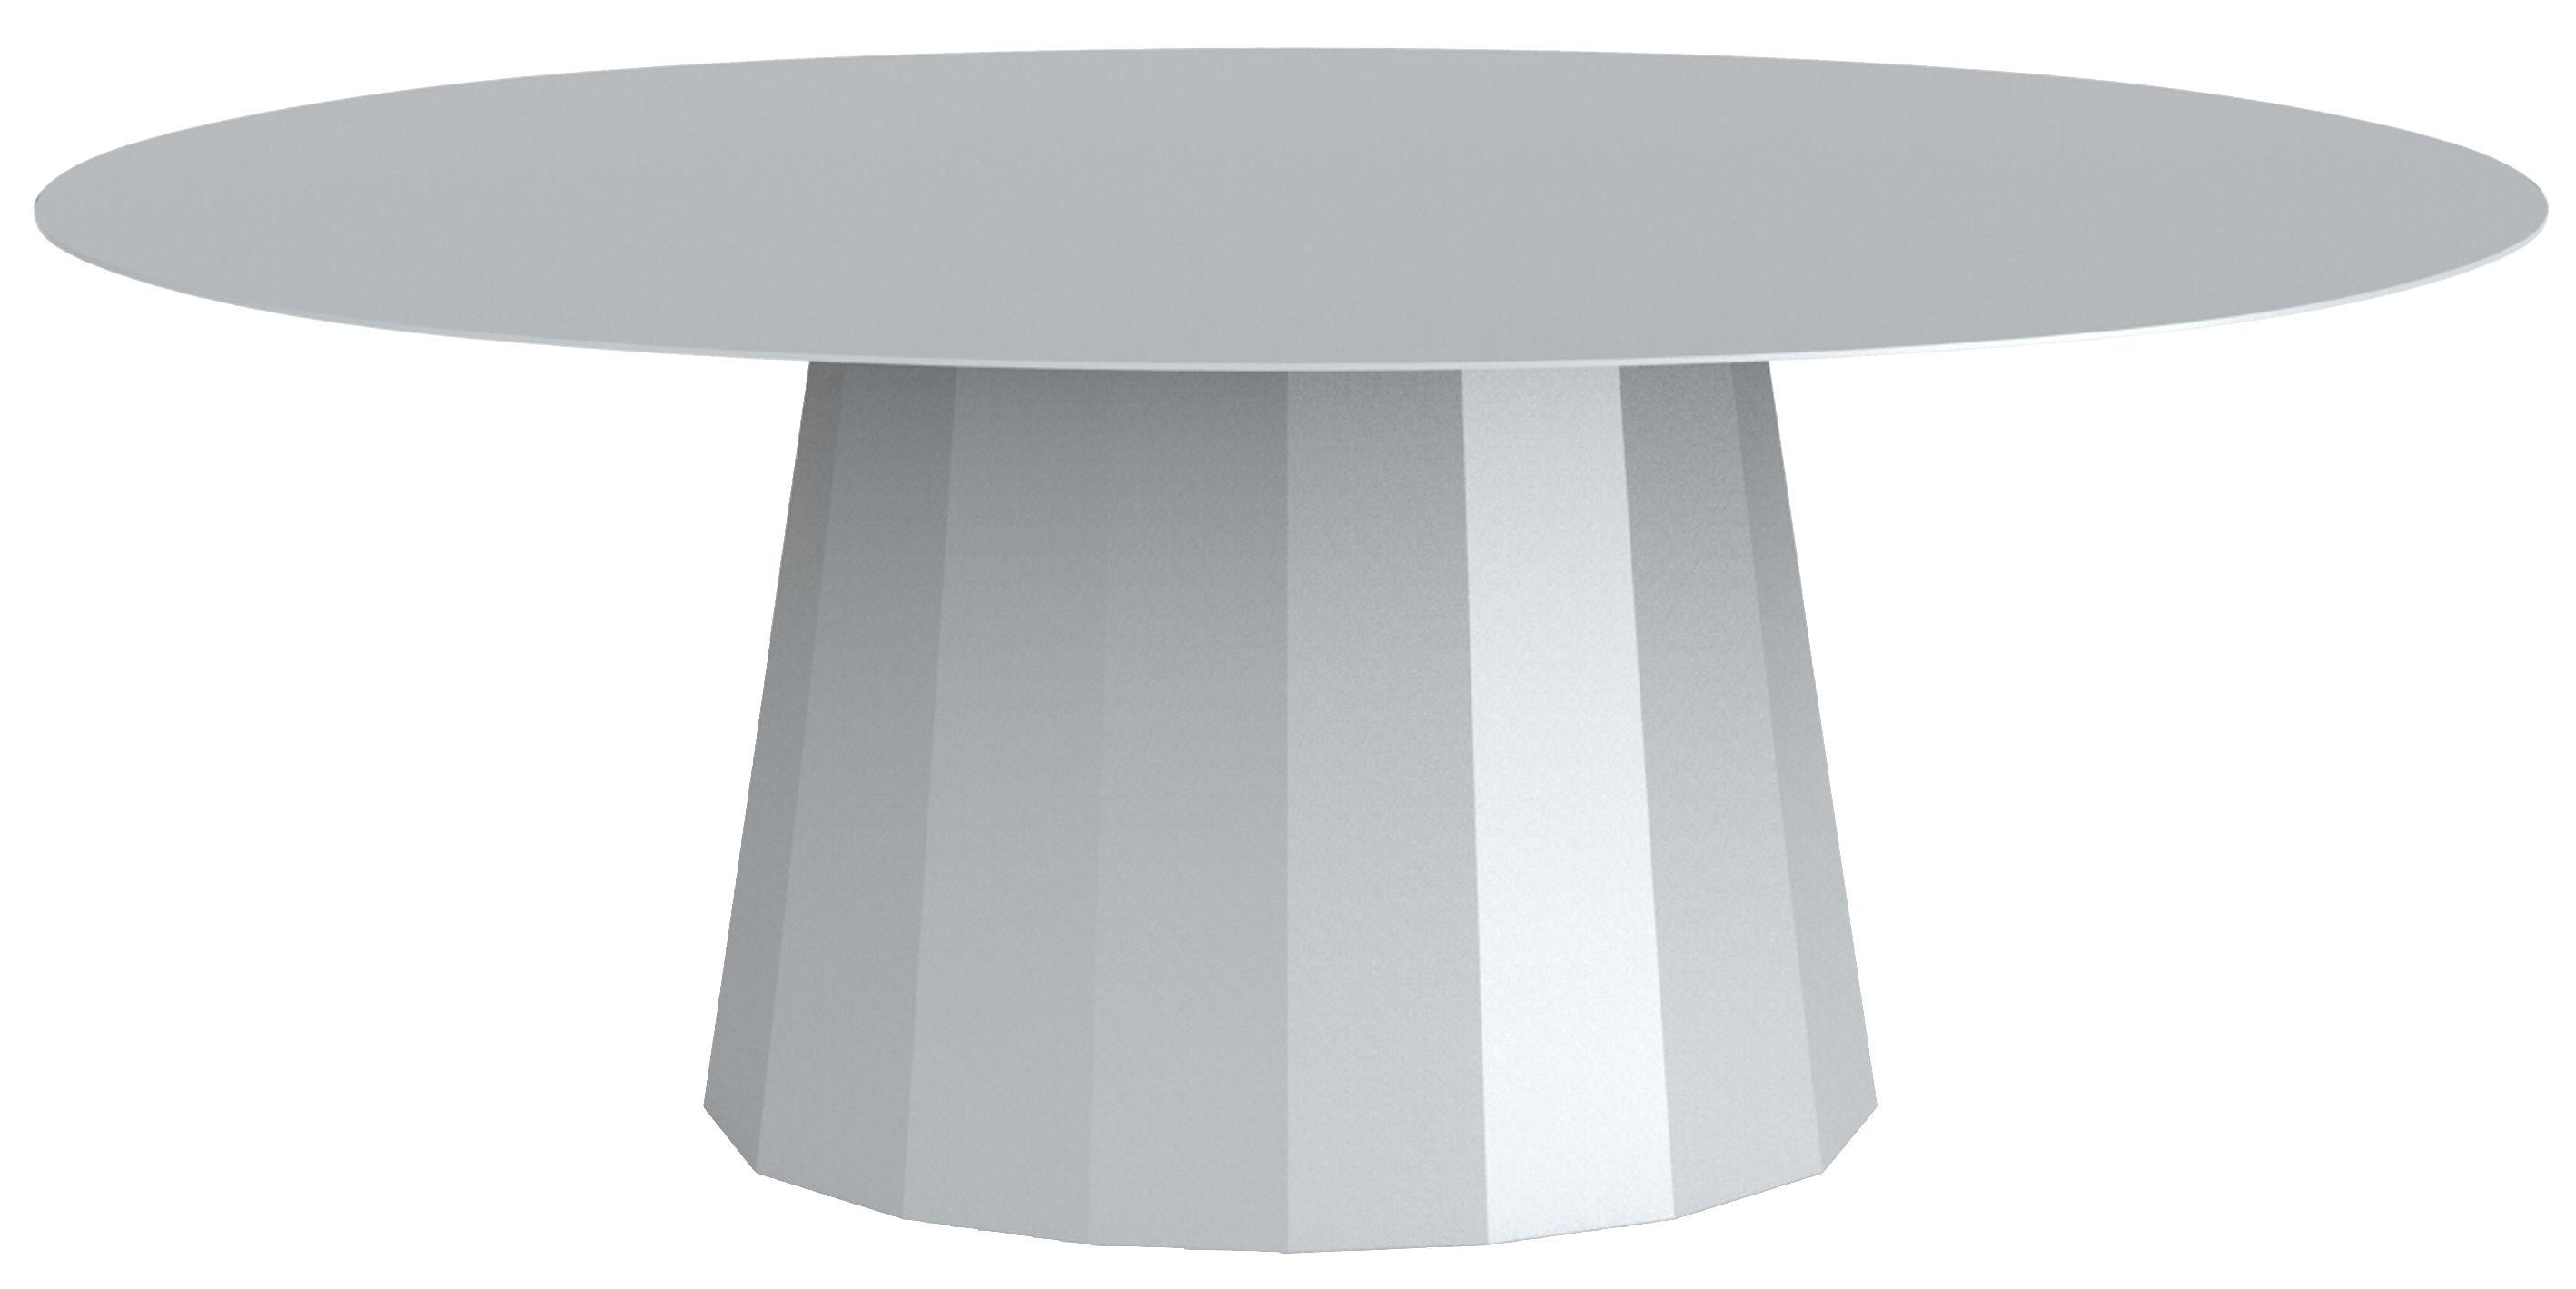 Möbel - Couchtische - Ankara Couchtisch / L 109 cm x H 42 cm - Matière Grise - Grau - bemalter Stahl